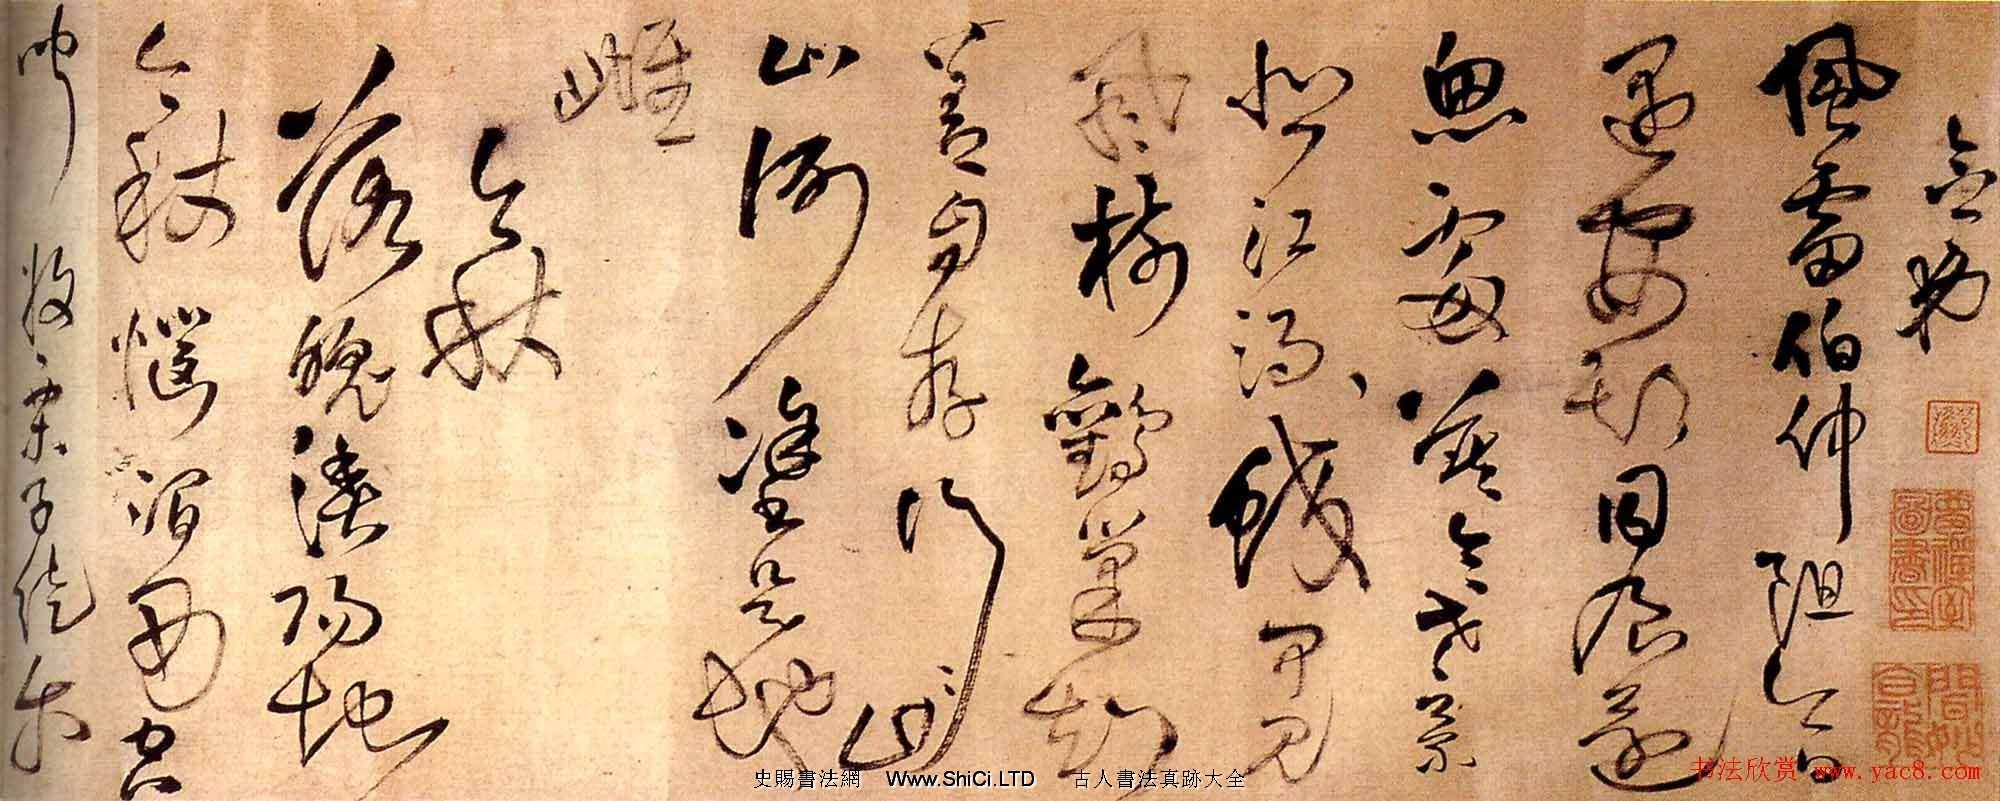 王鐸草書真跡欣賞《念弟風雷書法長卷》(共12張圖片)